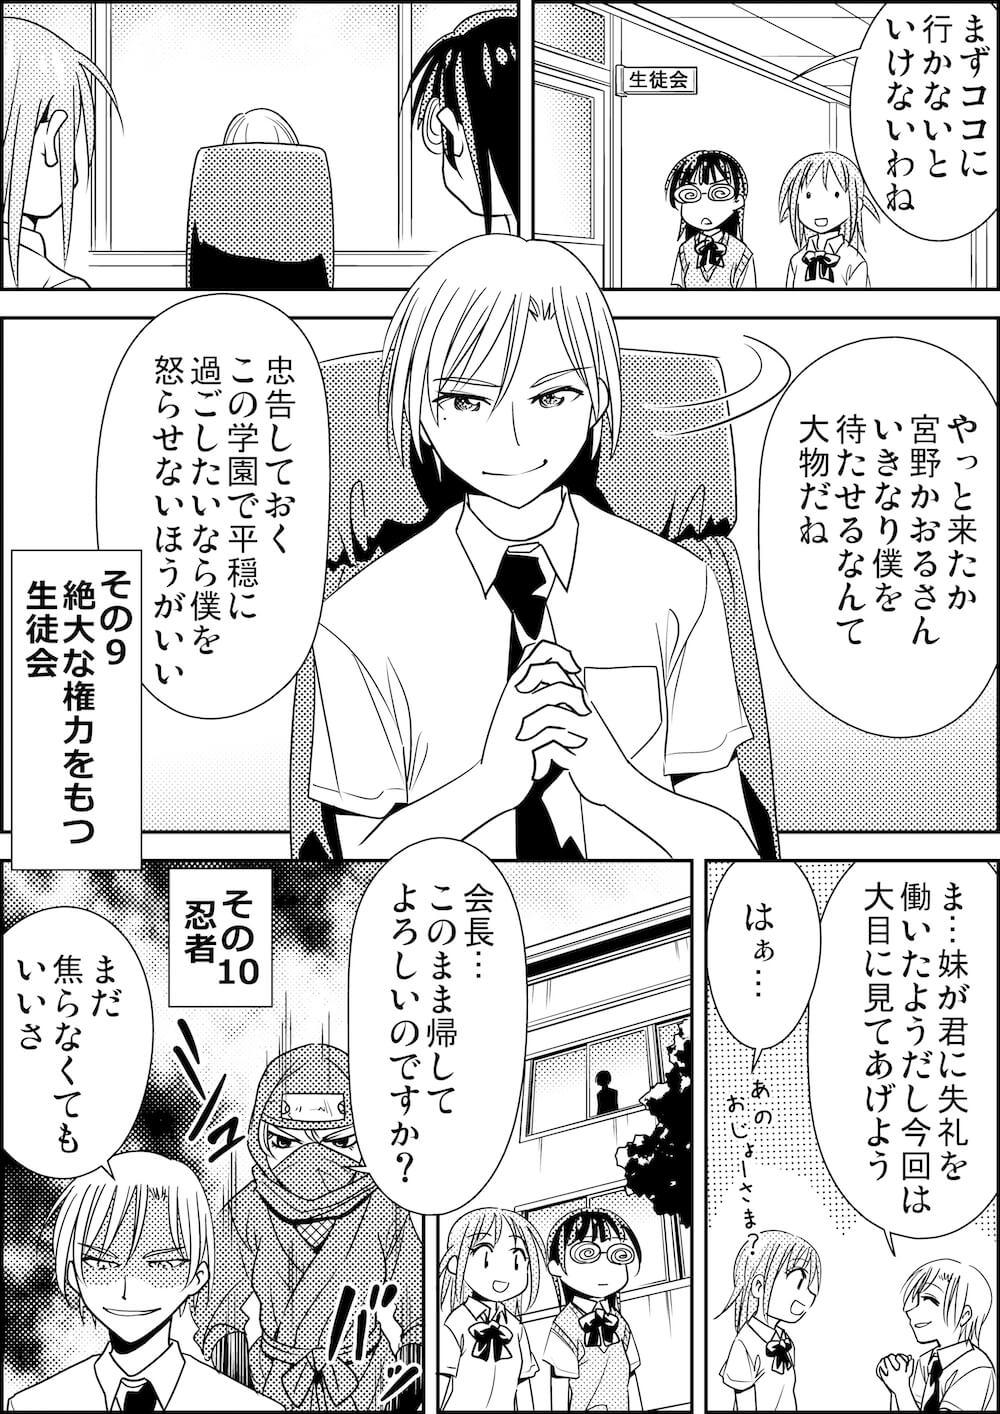 漫画ではあるあるだけど現実では1度も会ったことないキャラ_006